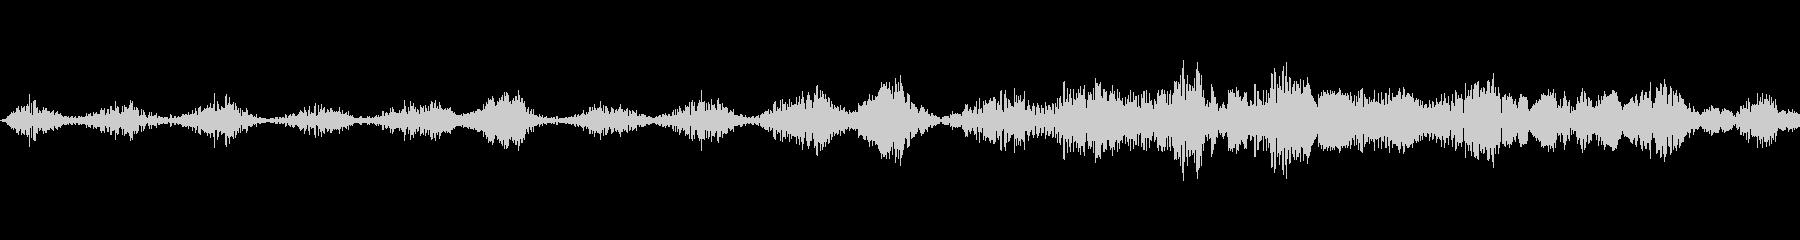 エレクトロEFX 1の未再生の波形